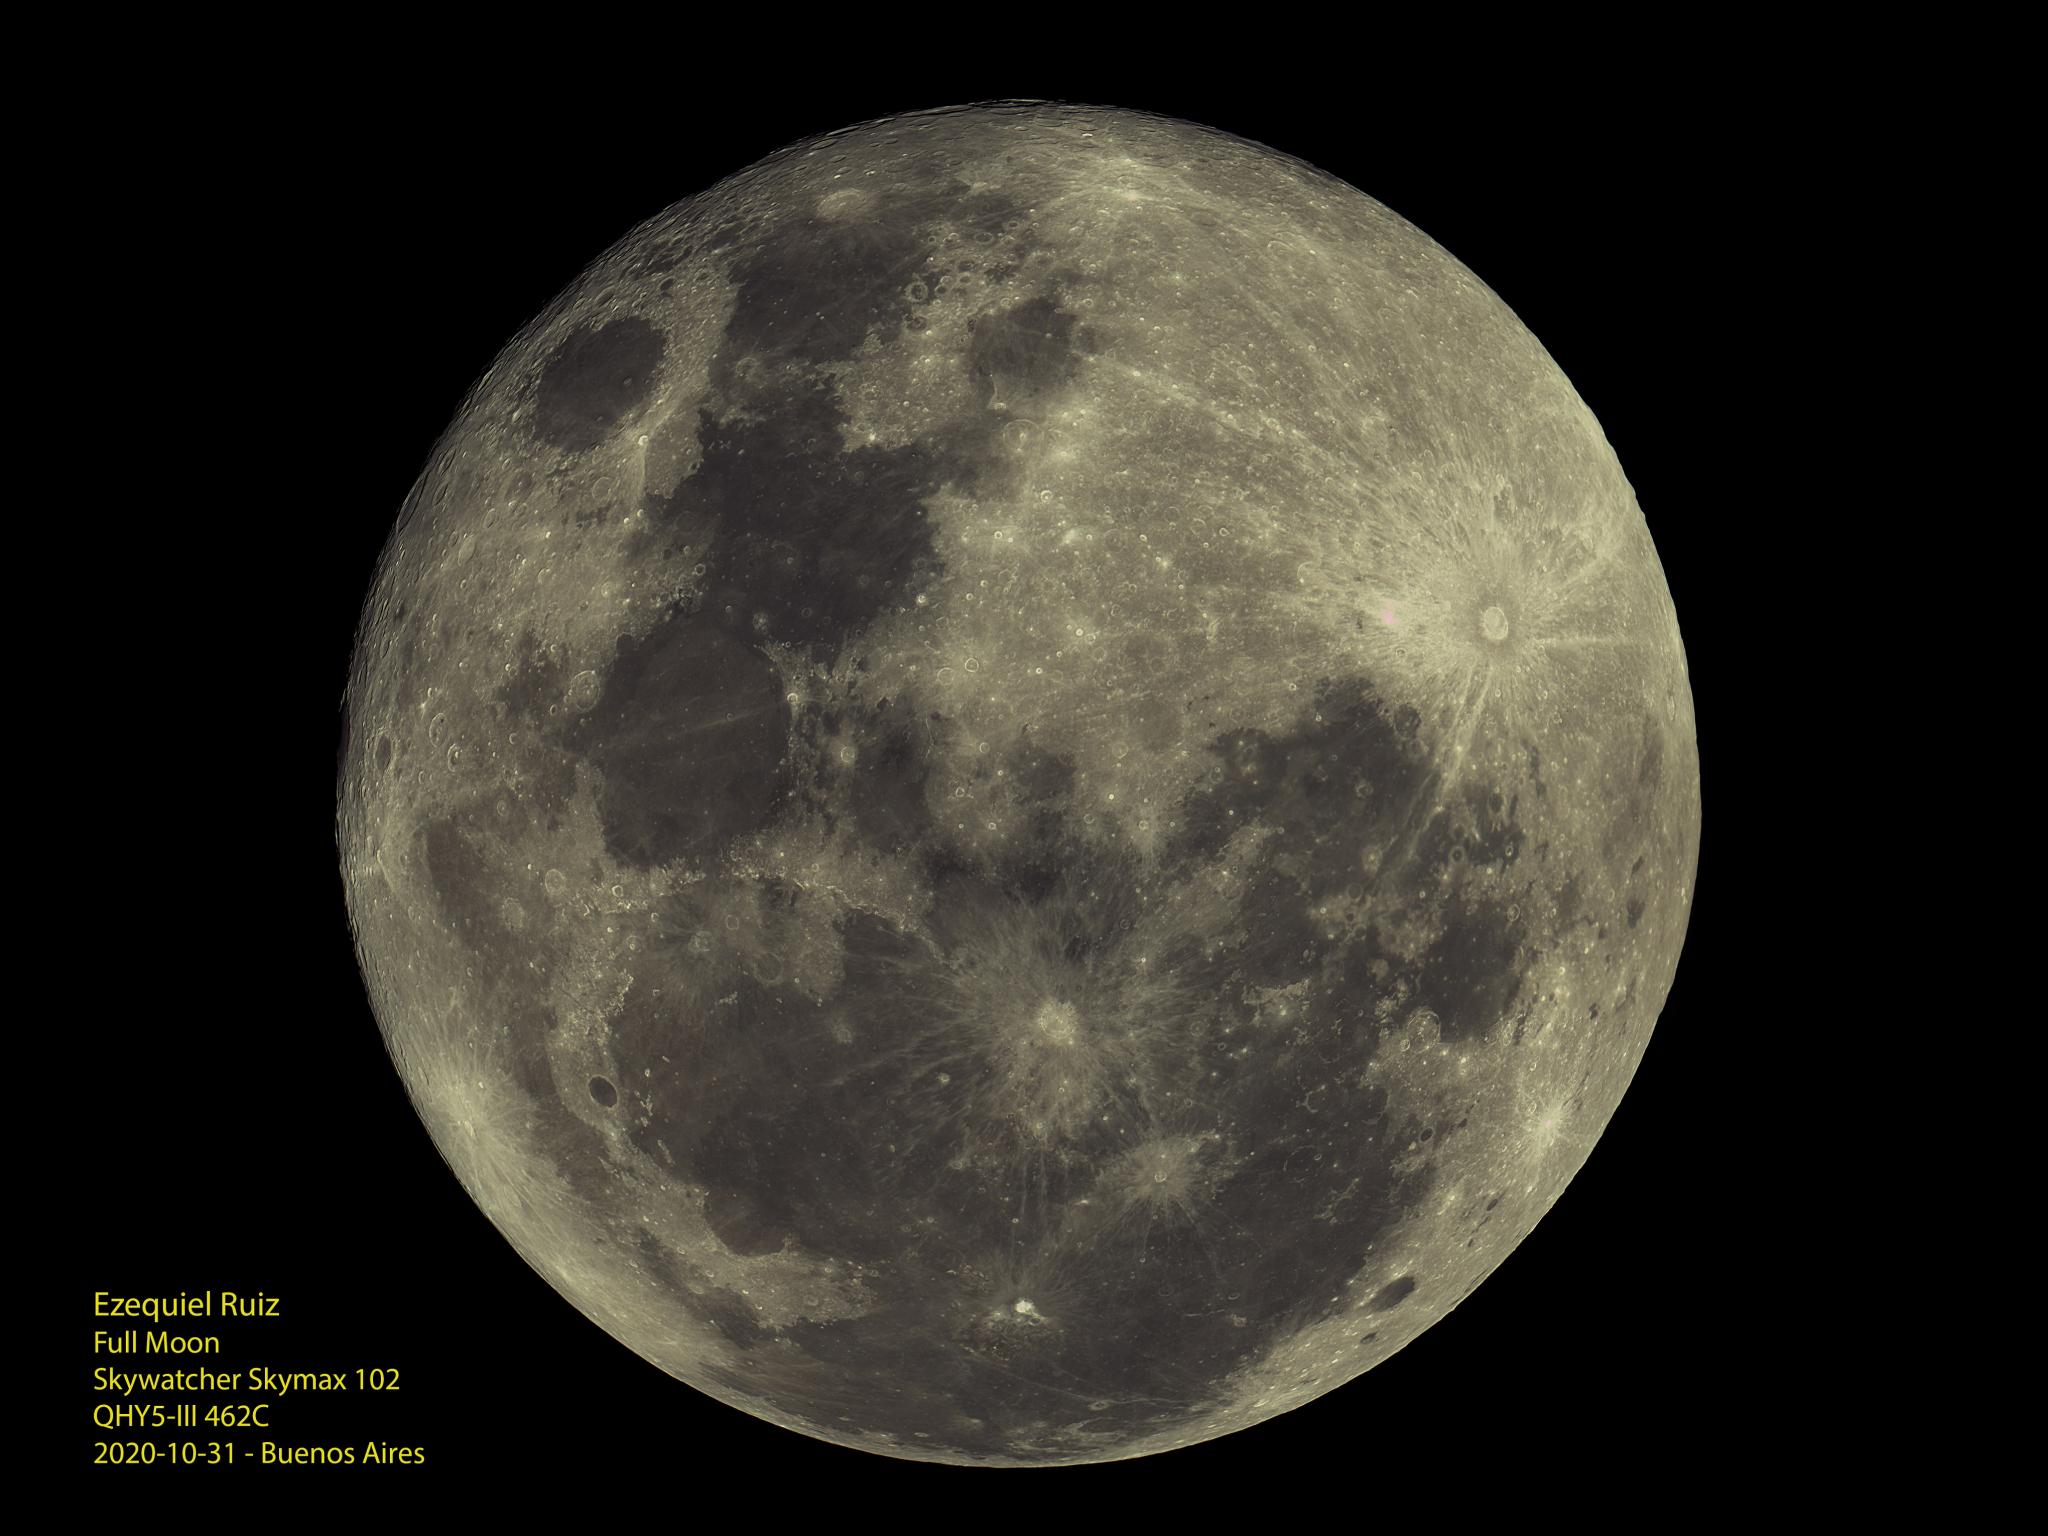 full_moon_title.jpg